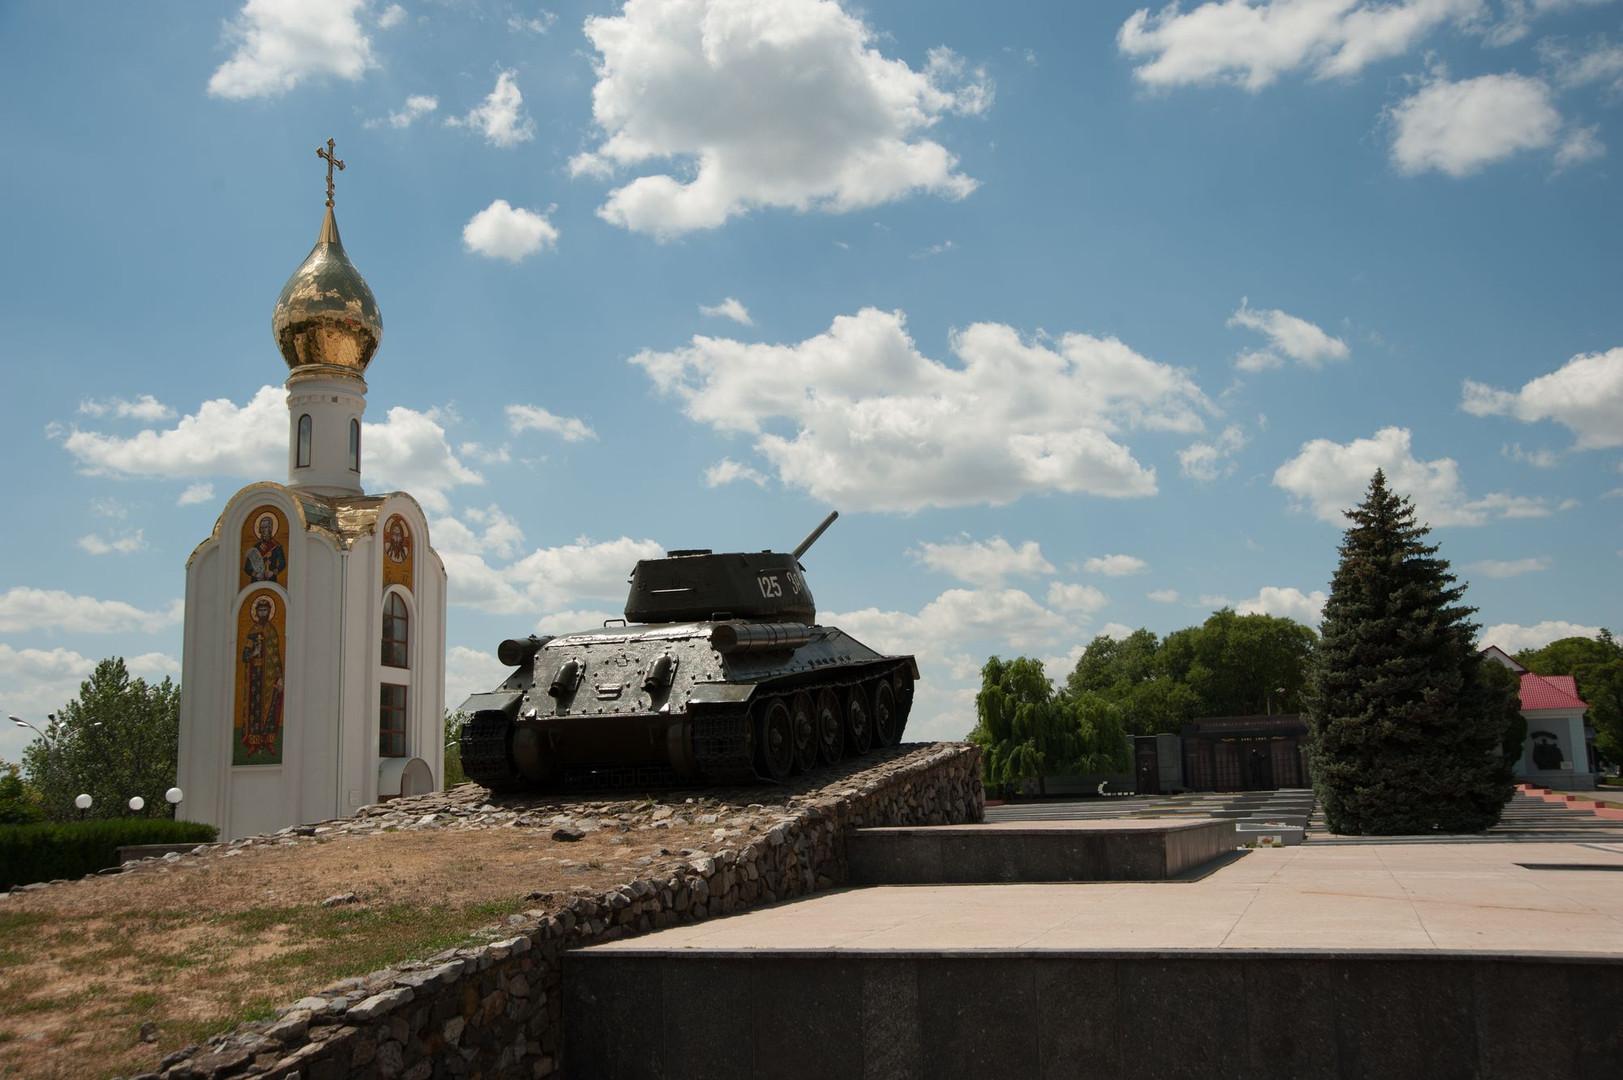 T-34 Monument at Tiraspol War Glory Memorial